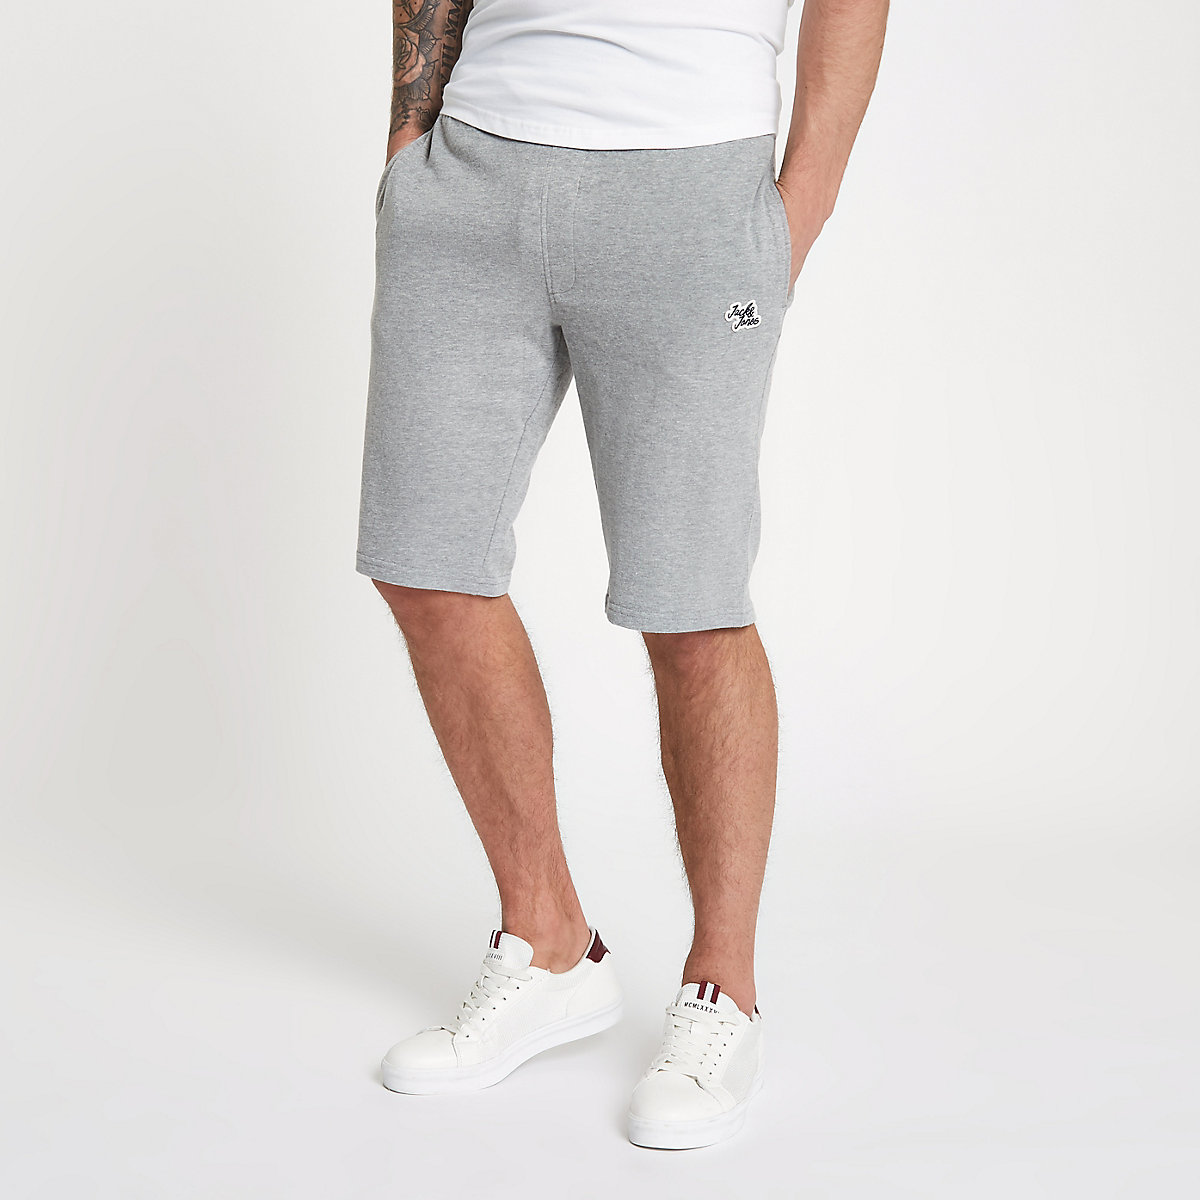 Jack & Jones Originals grey shorts